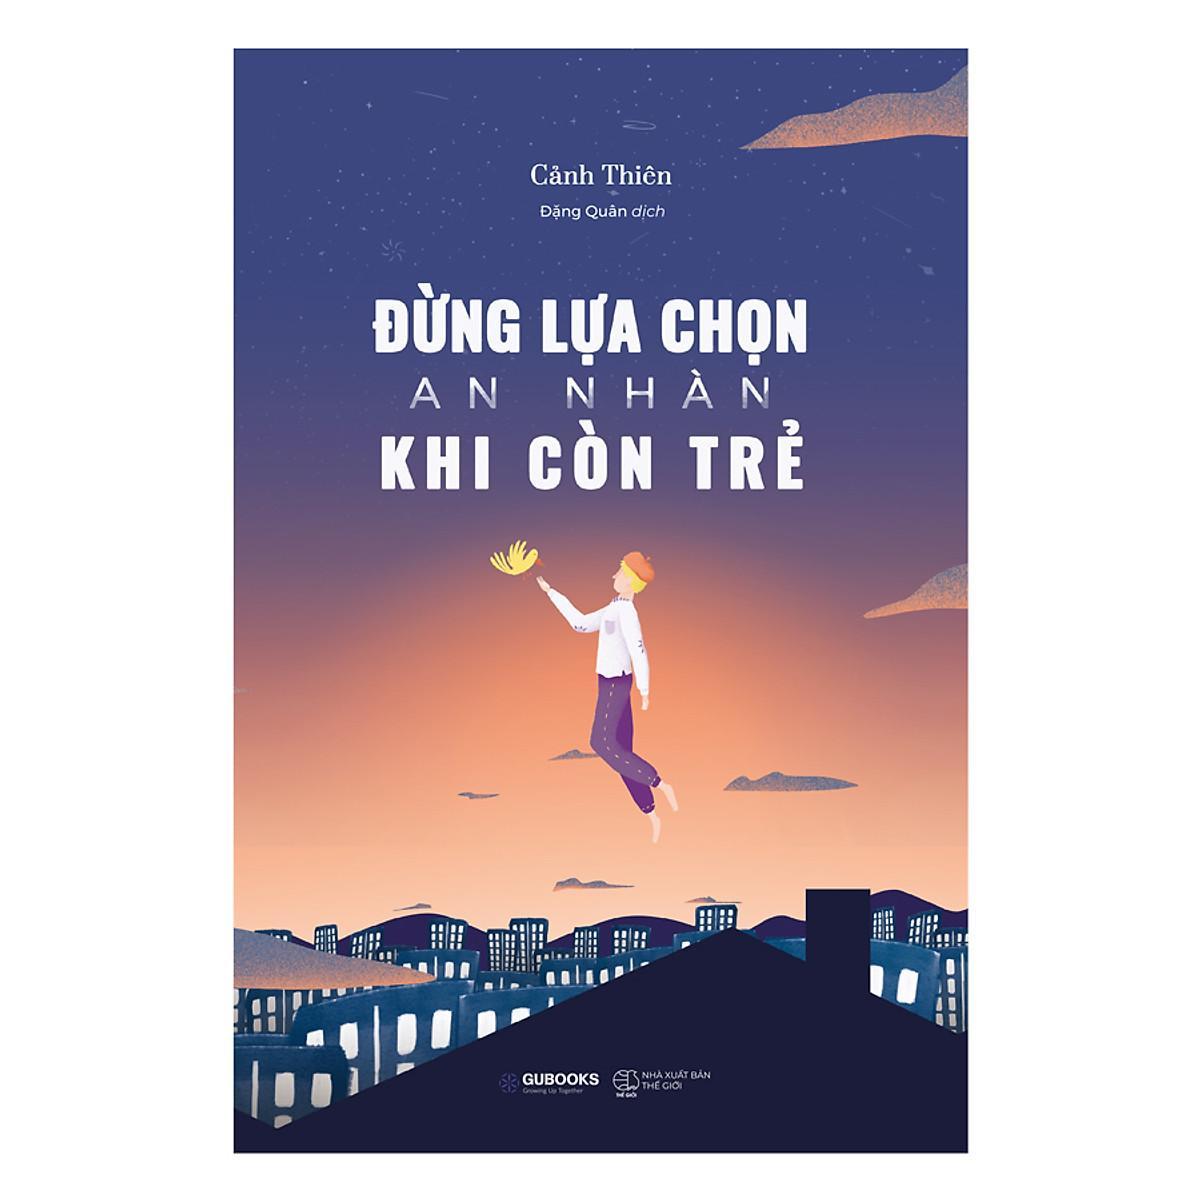 Review Sách Đừng lựa chọn an nhàn khi còn trẻ của Cảnh Thiên